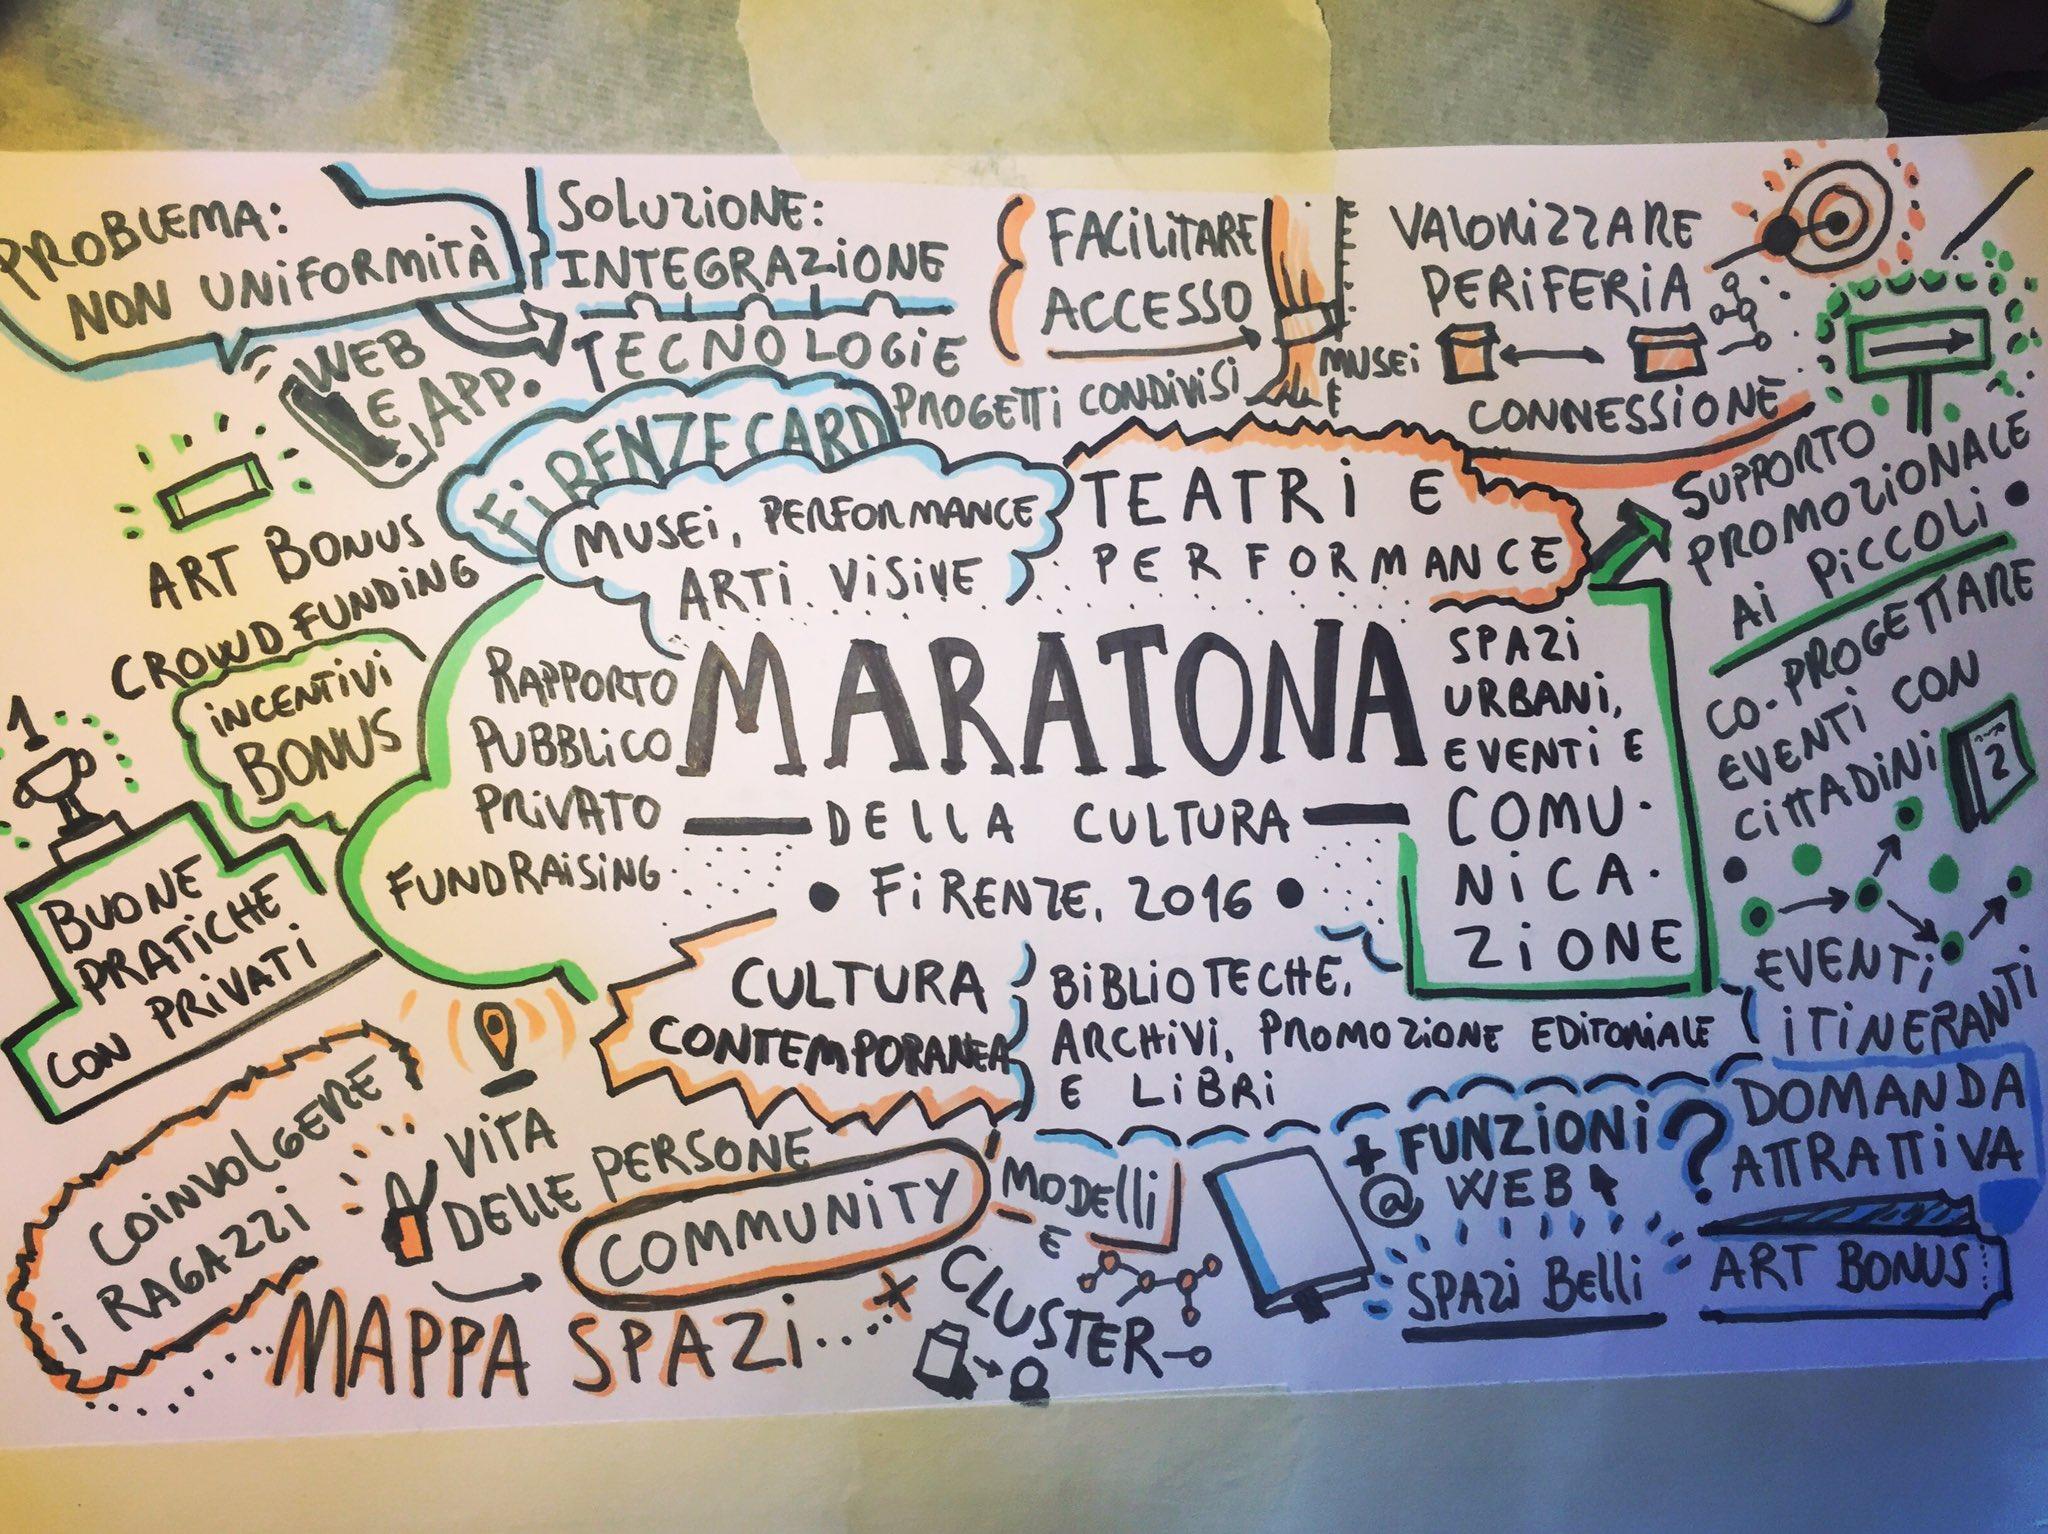 Ecco la mappa con tutte le idee che abbiamo avuto oggi alla #MaratonaAscolto sulla #cultura a Firenze. Grazie a tutti per la partecipazione! https://t.co/hUrLSIeIV2